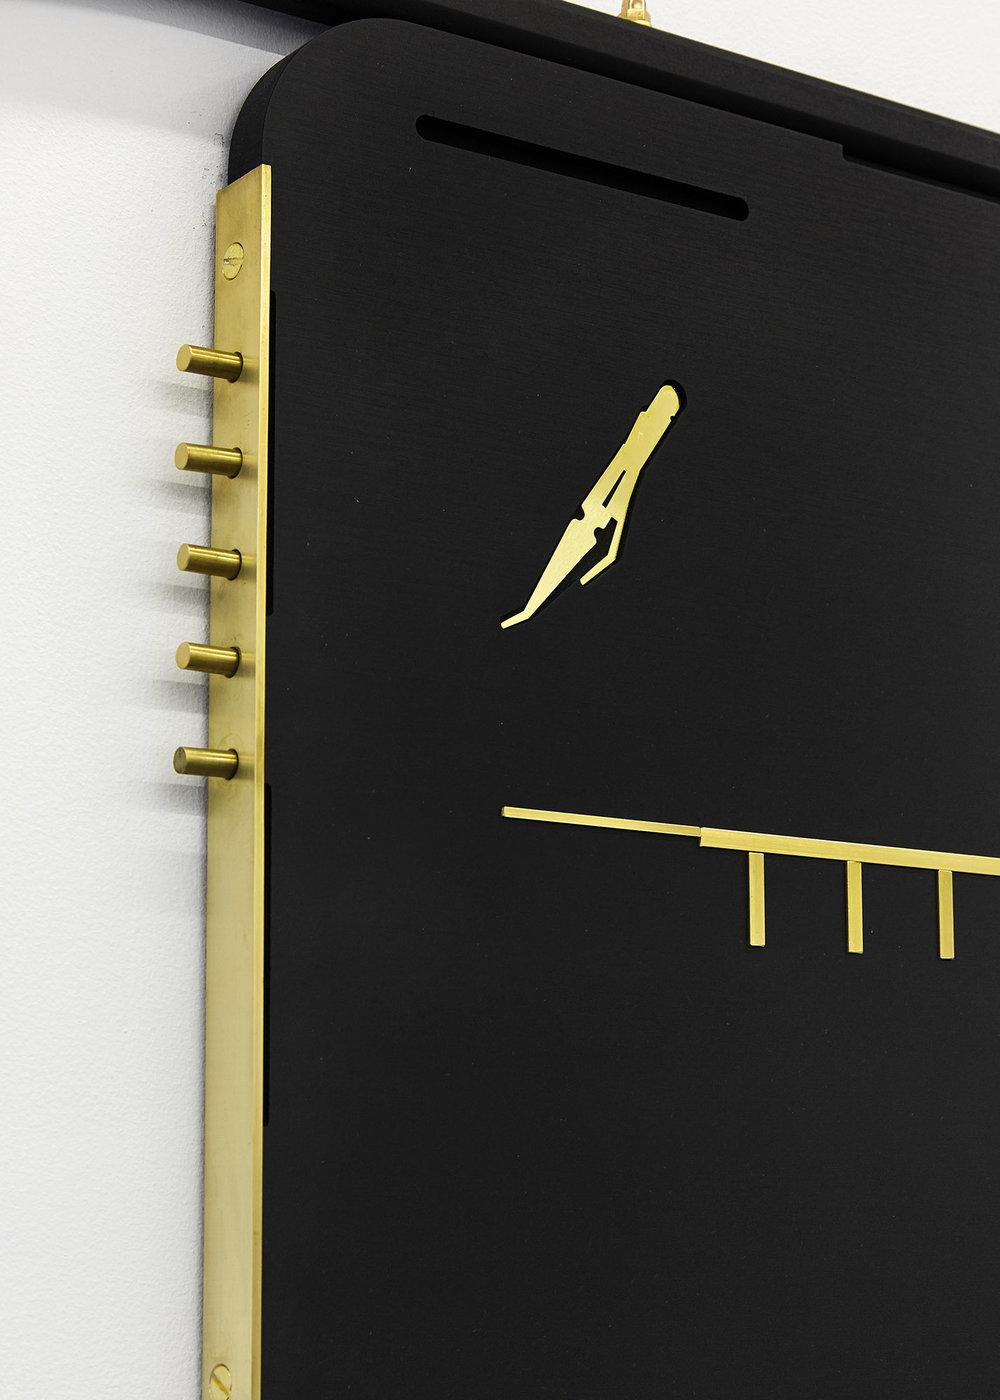 Graver (detail) Valchromat & brass 127.5 x 91 x 2.5 cm, 2018